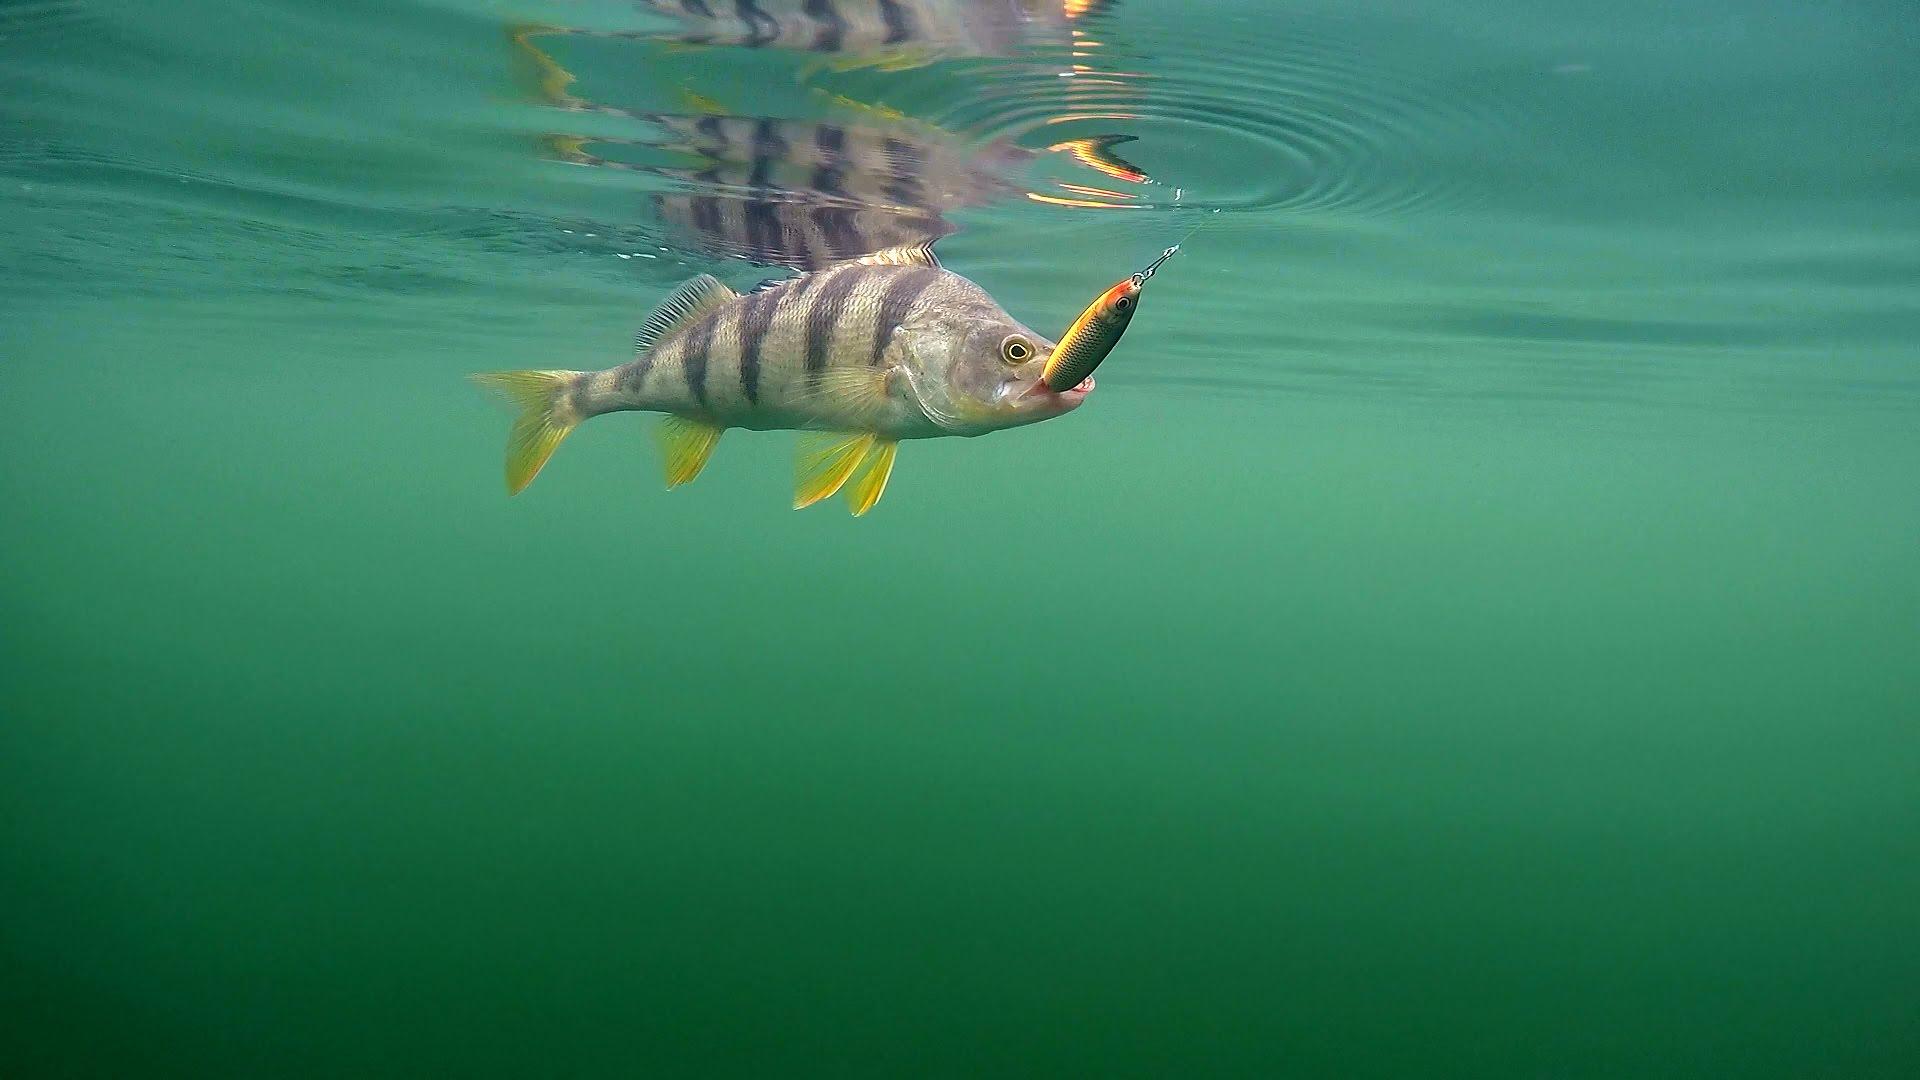 заставки про рыбалку